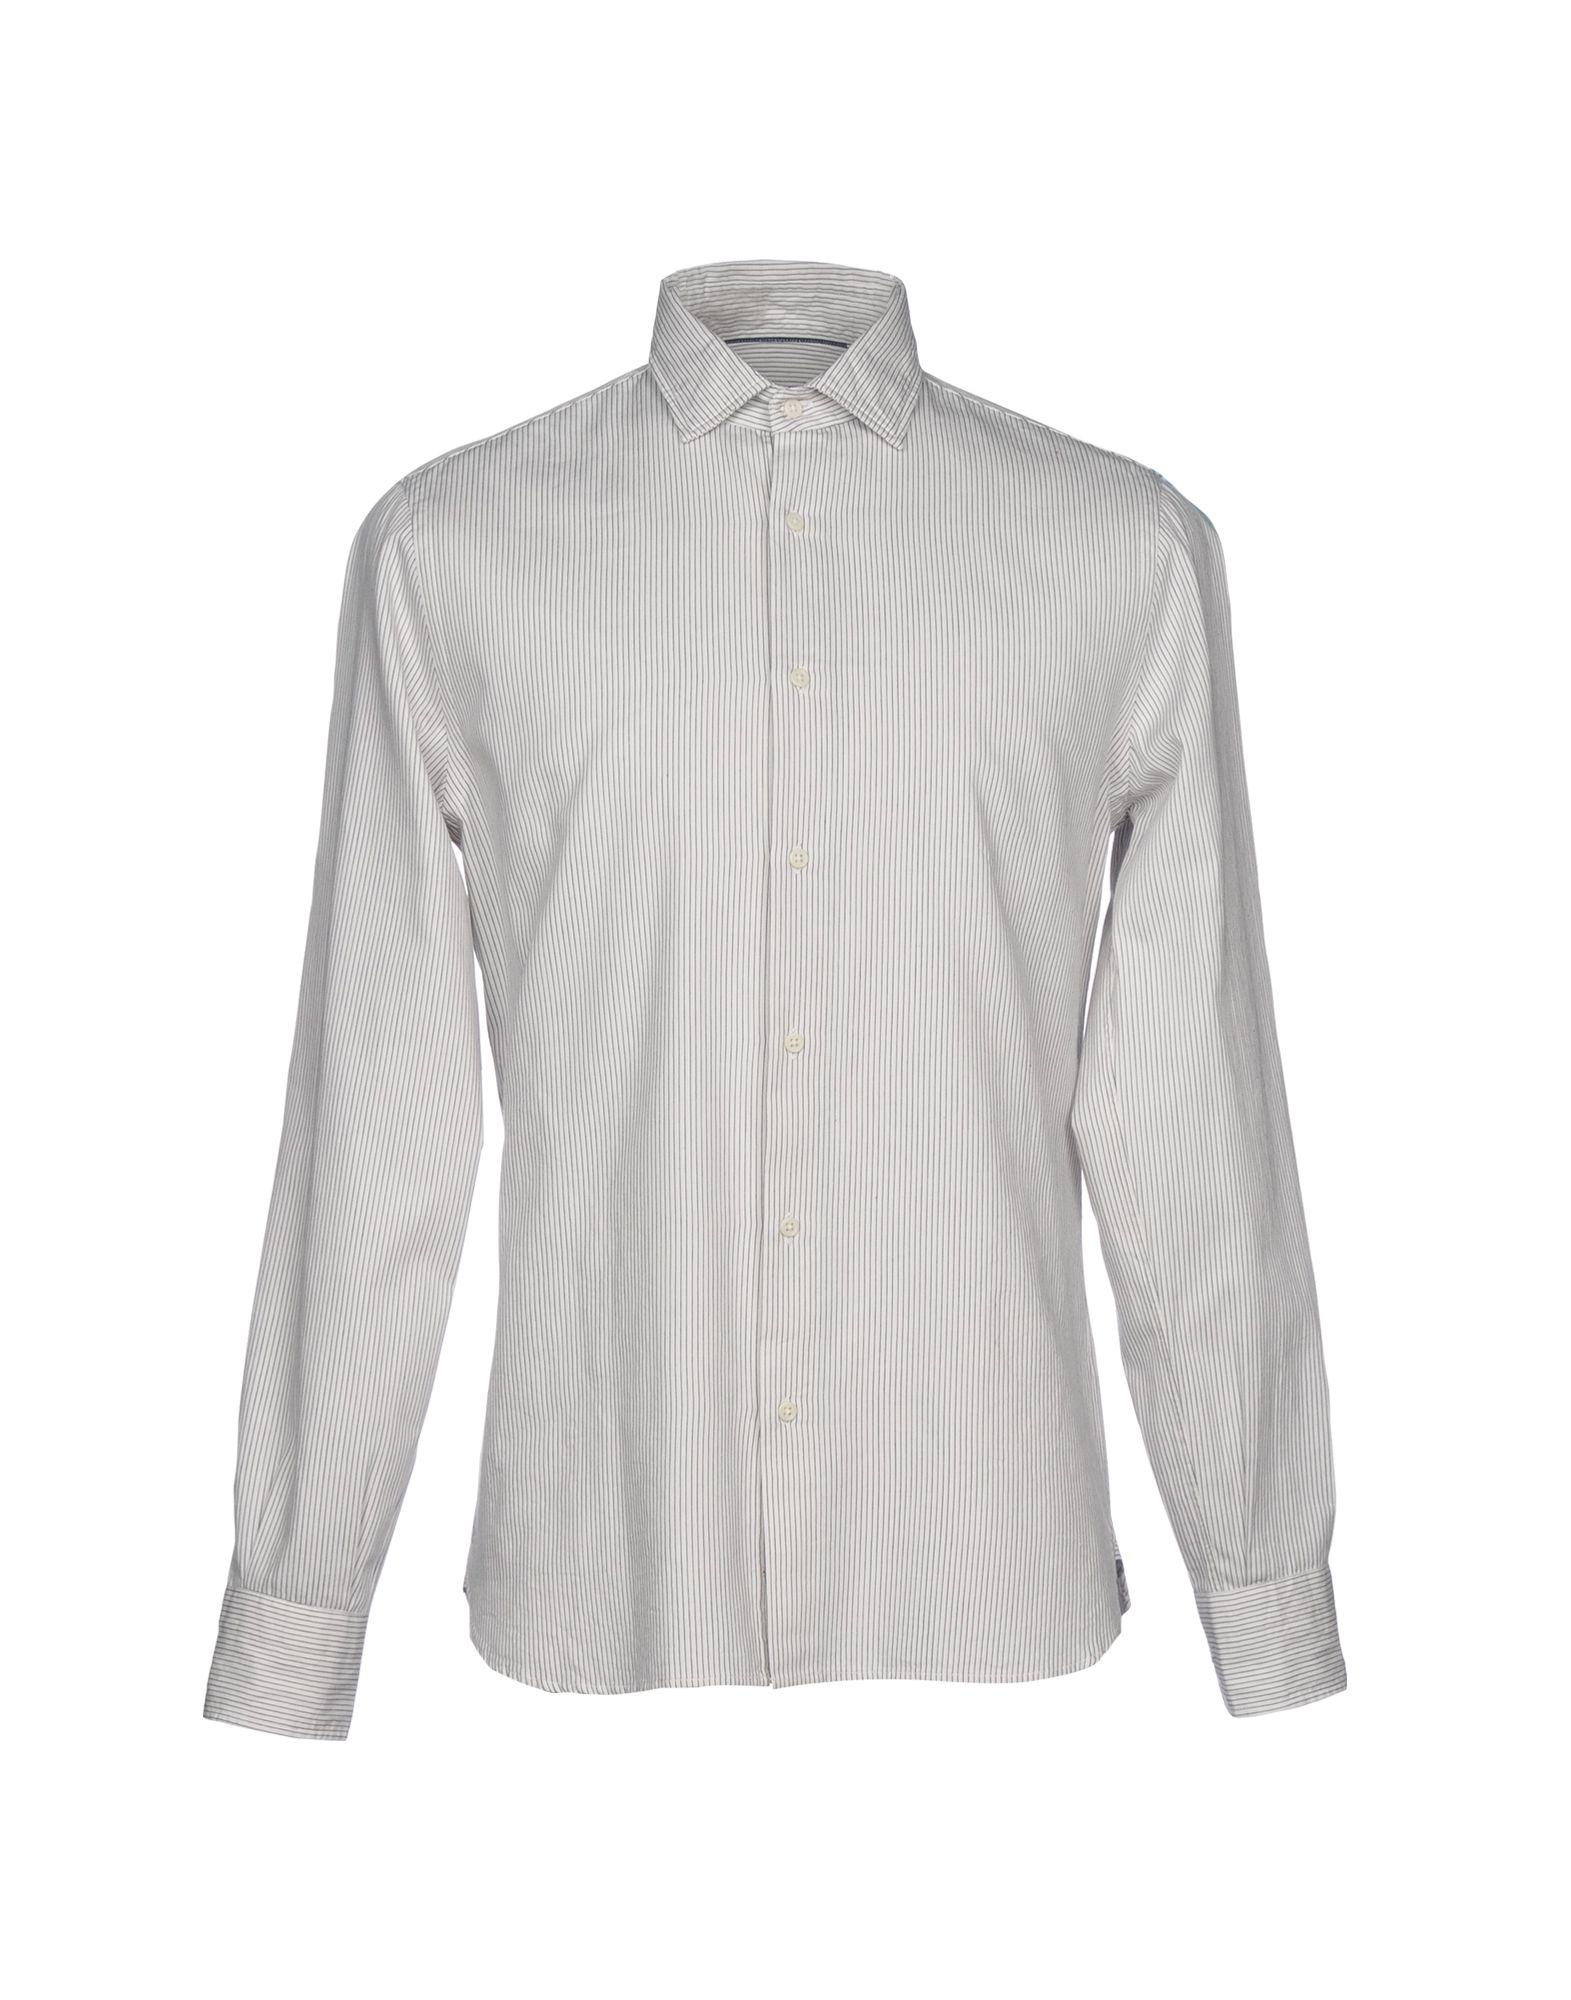 Camicia A Righe A.B.C.L. Donna - Acquista online su